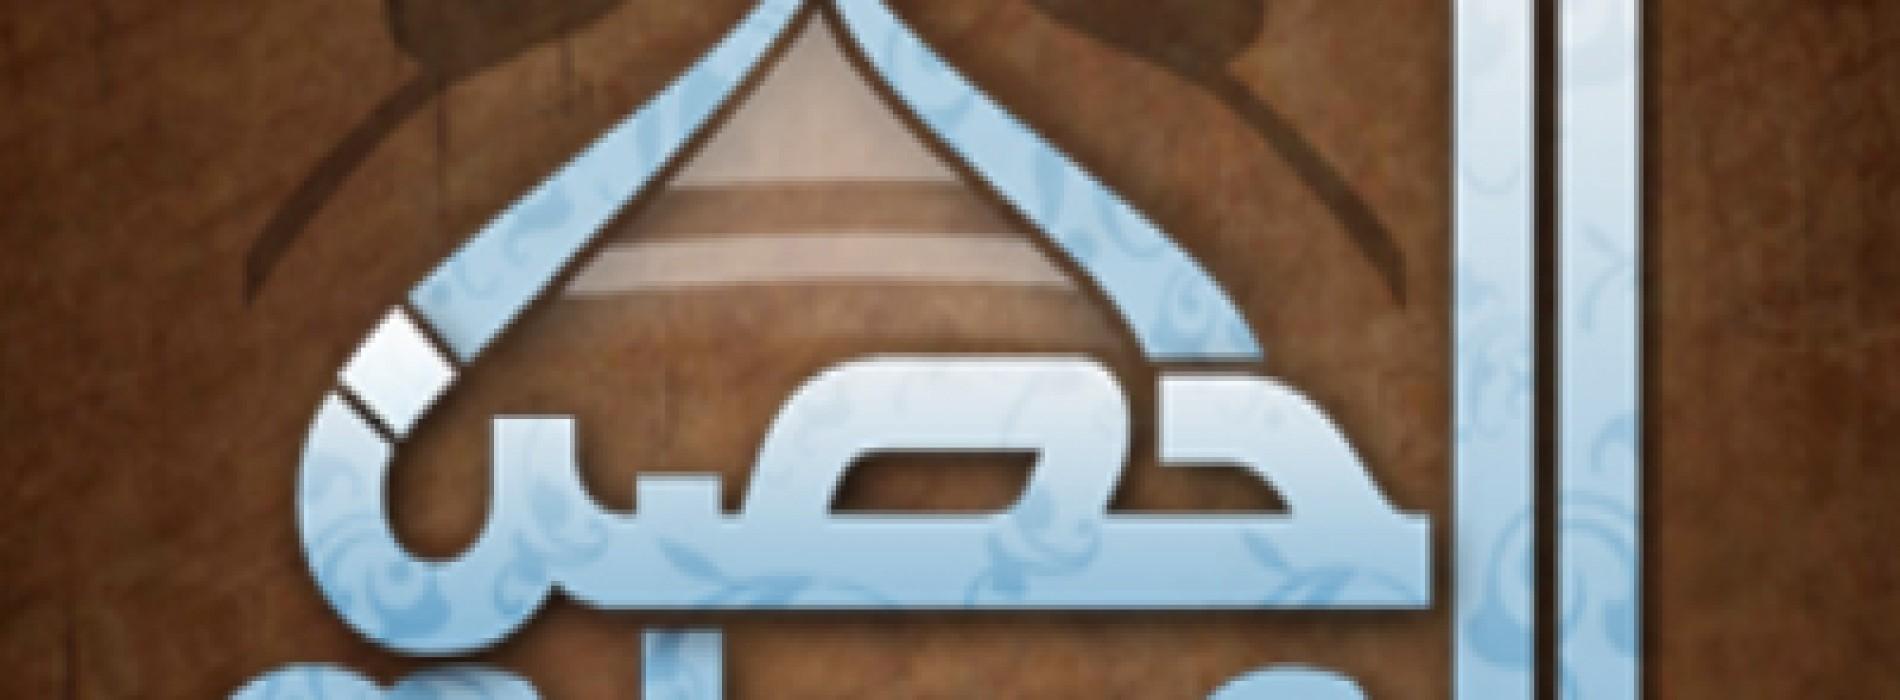 للاندرويد | برنامج حصن المسلم